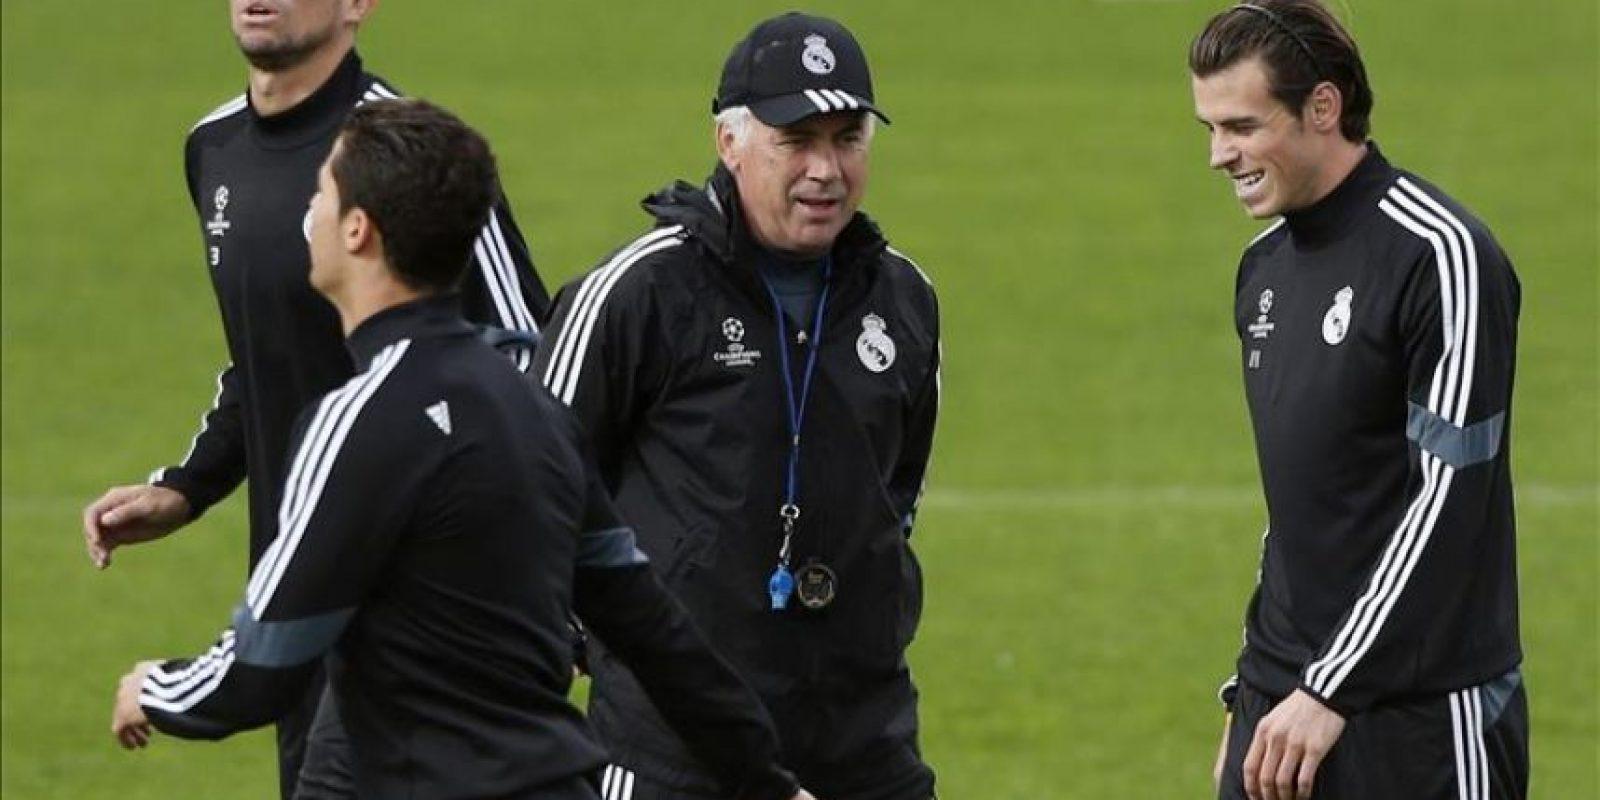 El técnico del Real Madrid, Carlo Ancelotti (2d), y los jugadores Pepe, Caristiano Ronaldo y Bale, durante el entrenamiento del equipo, hoy en Valdebebas, de cara al partido de la Liga de Campeones que disputarán mañana, martes, frente al Liverpool en el estadio Santiago Bernabéu. EFE